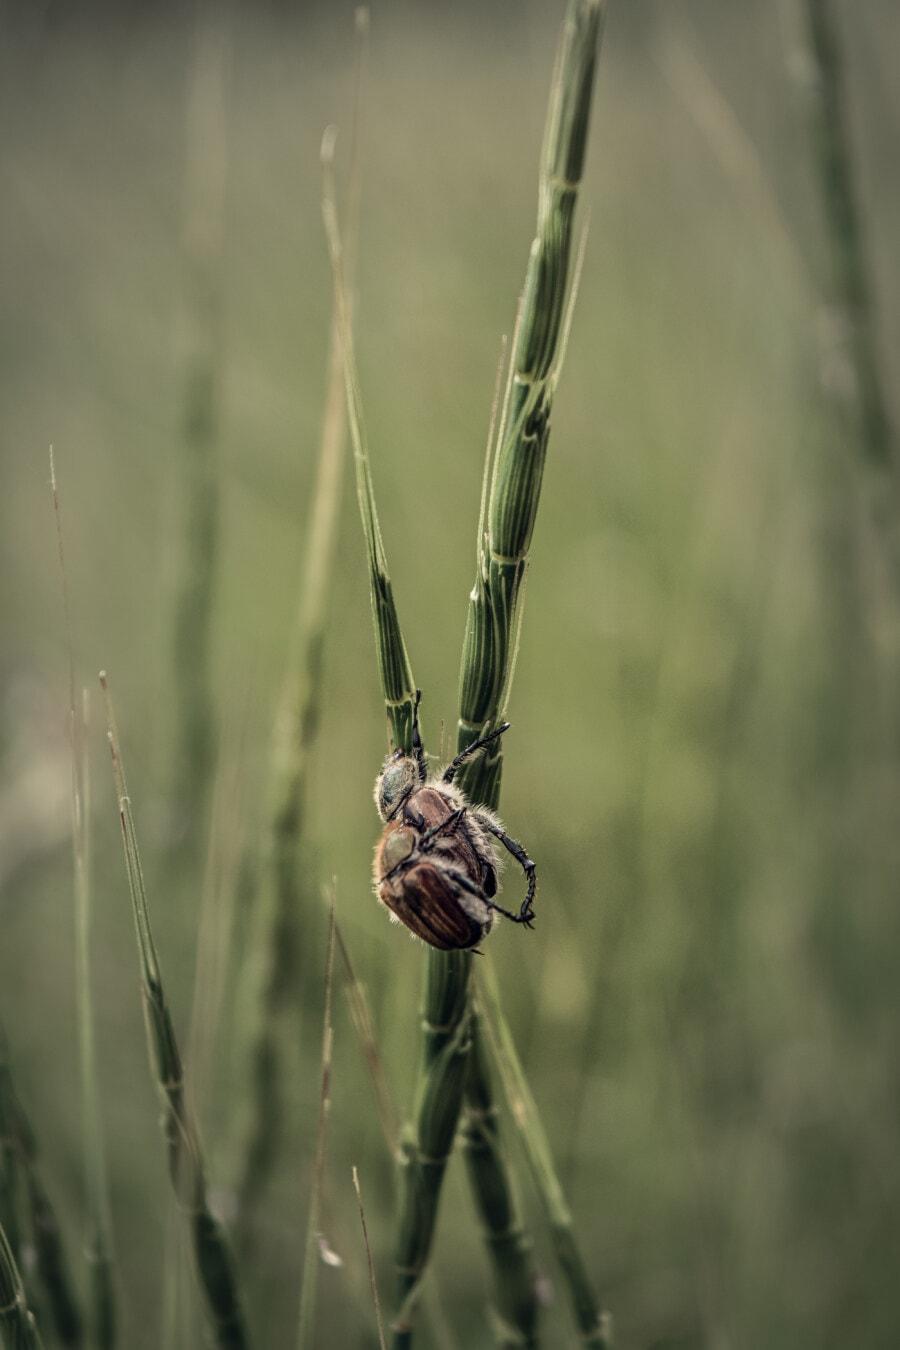 punaise, insecte, Beetle, animaux, nature, fermer, à l'extérieur, herbe, été, faune